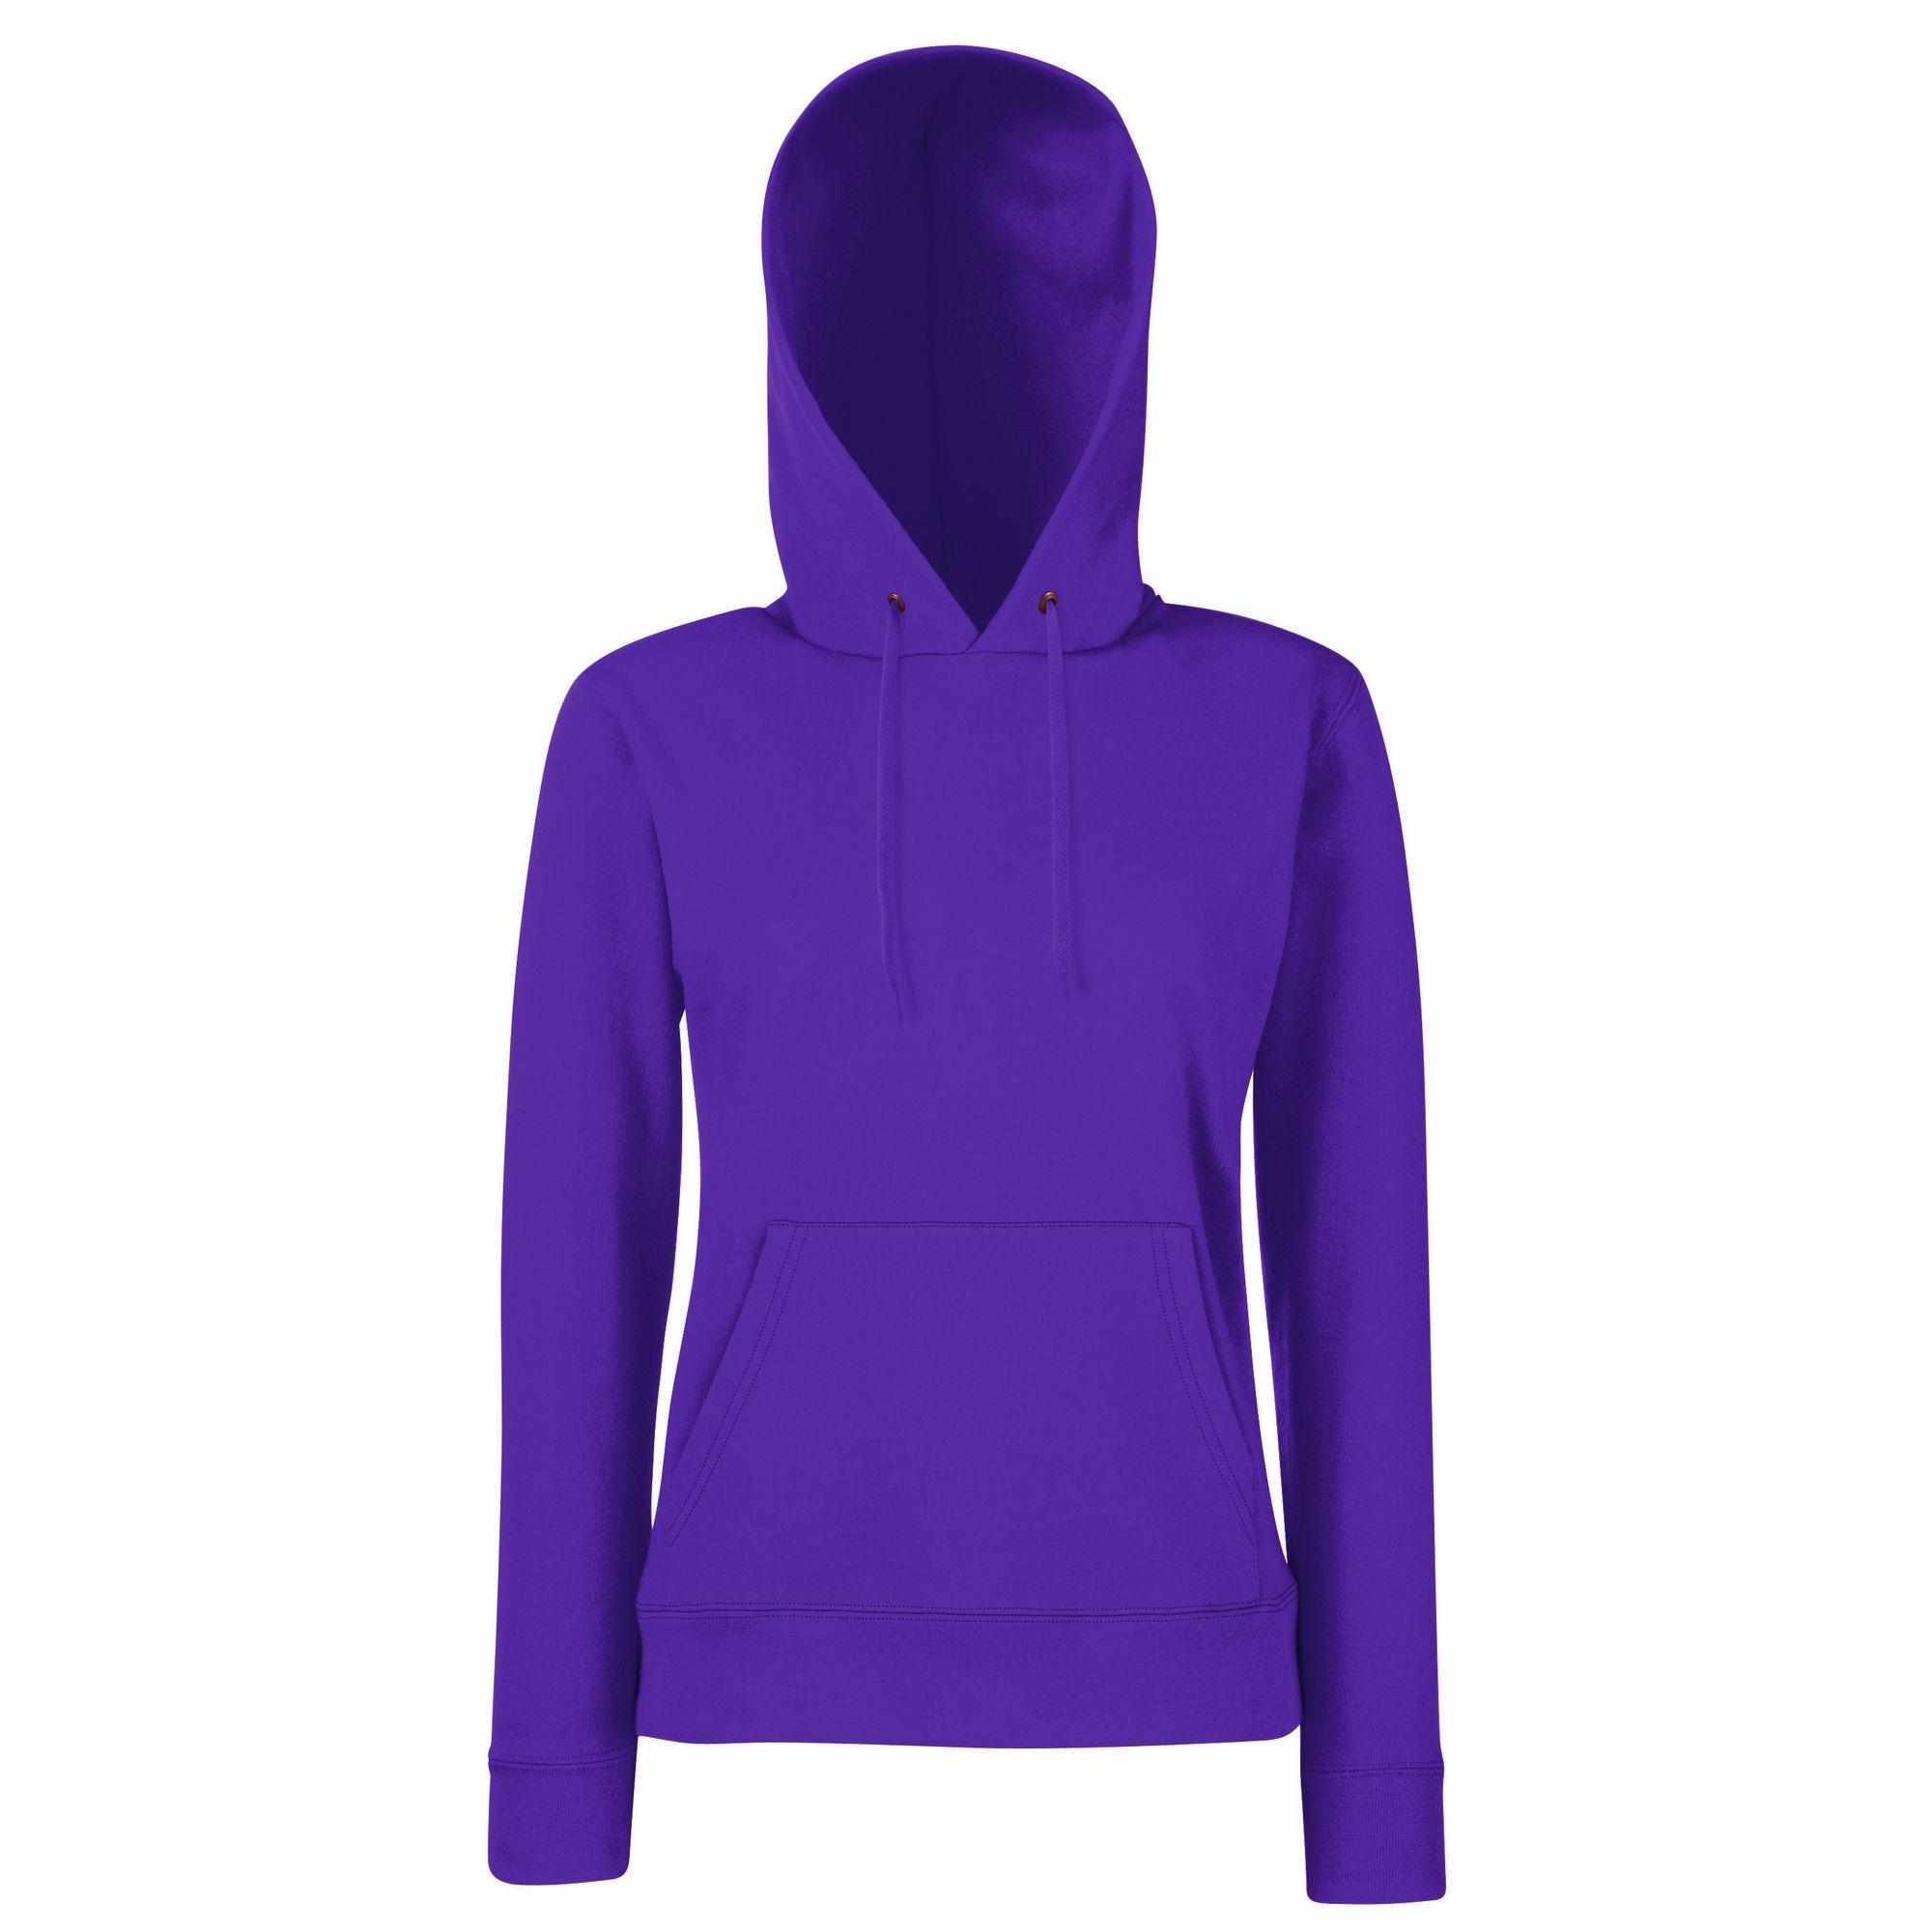 Fruit Of The Loom Ladies Lady Fit Hooded Sweatshirt / Hoodie